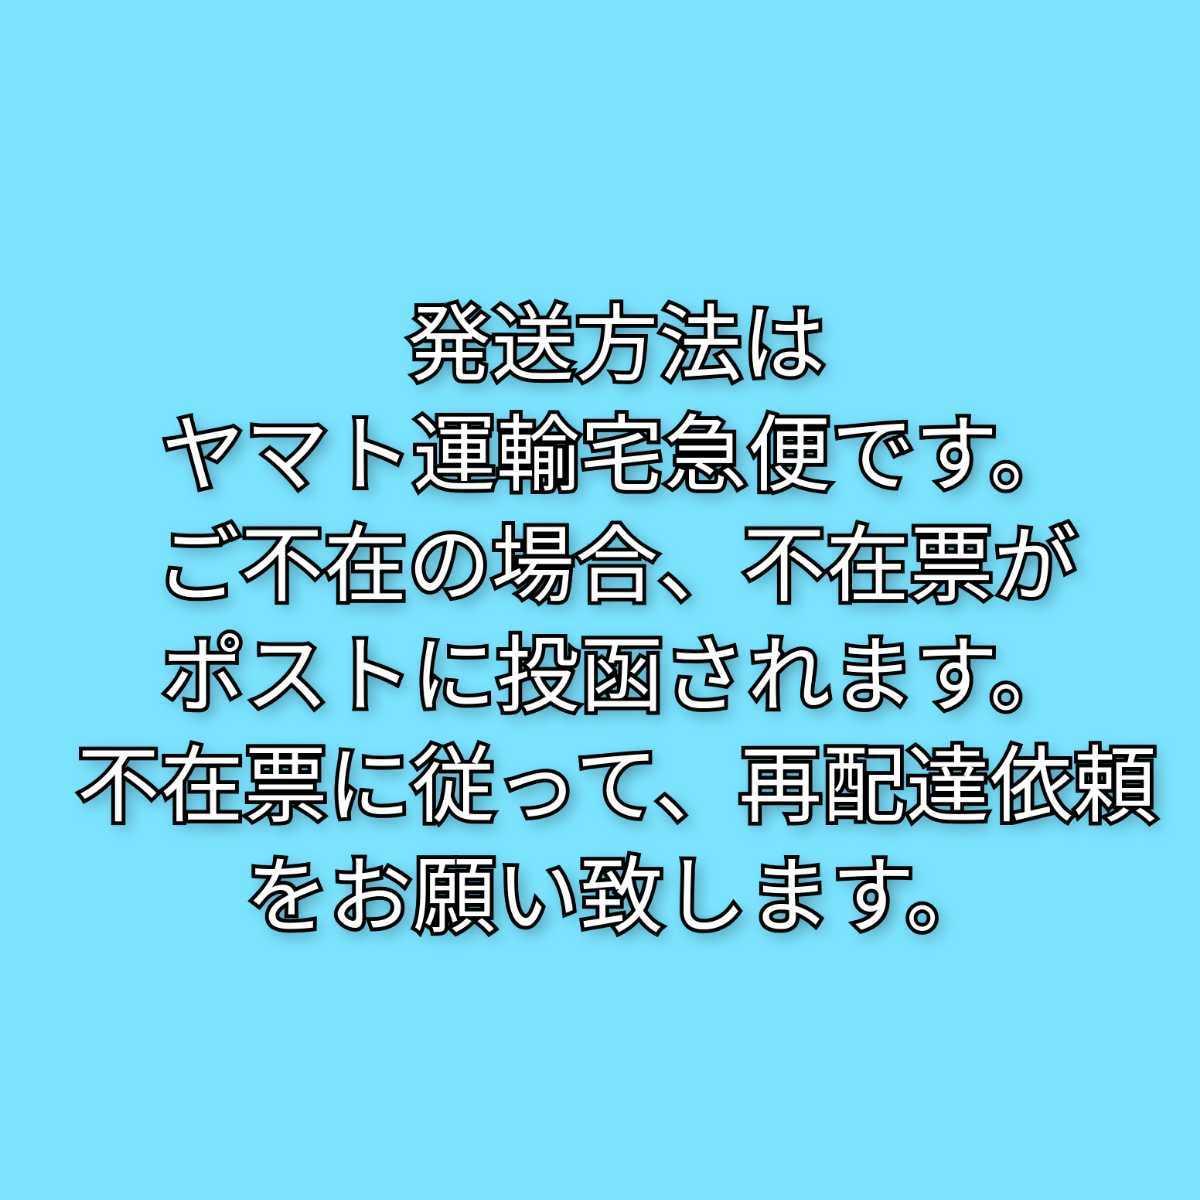 澤井珈琲 80袋 ビクトリーブレンド ブレンドフォルテシモ 各40袋 ドリップコーヒー_画像5